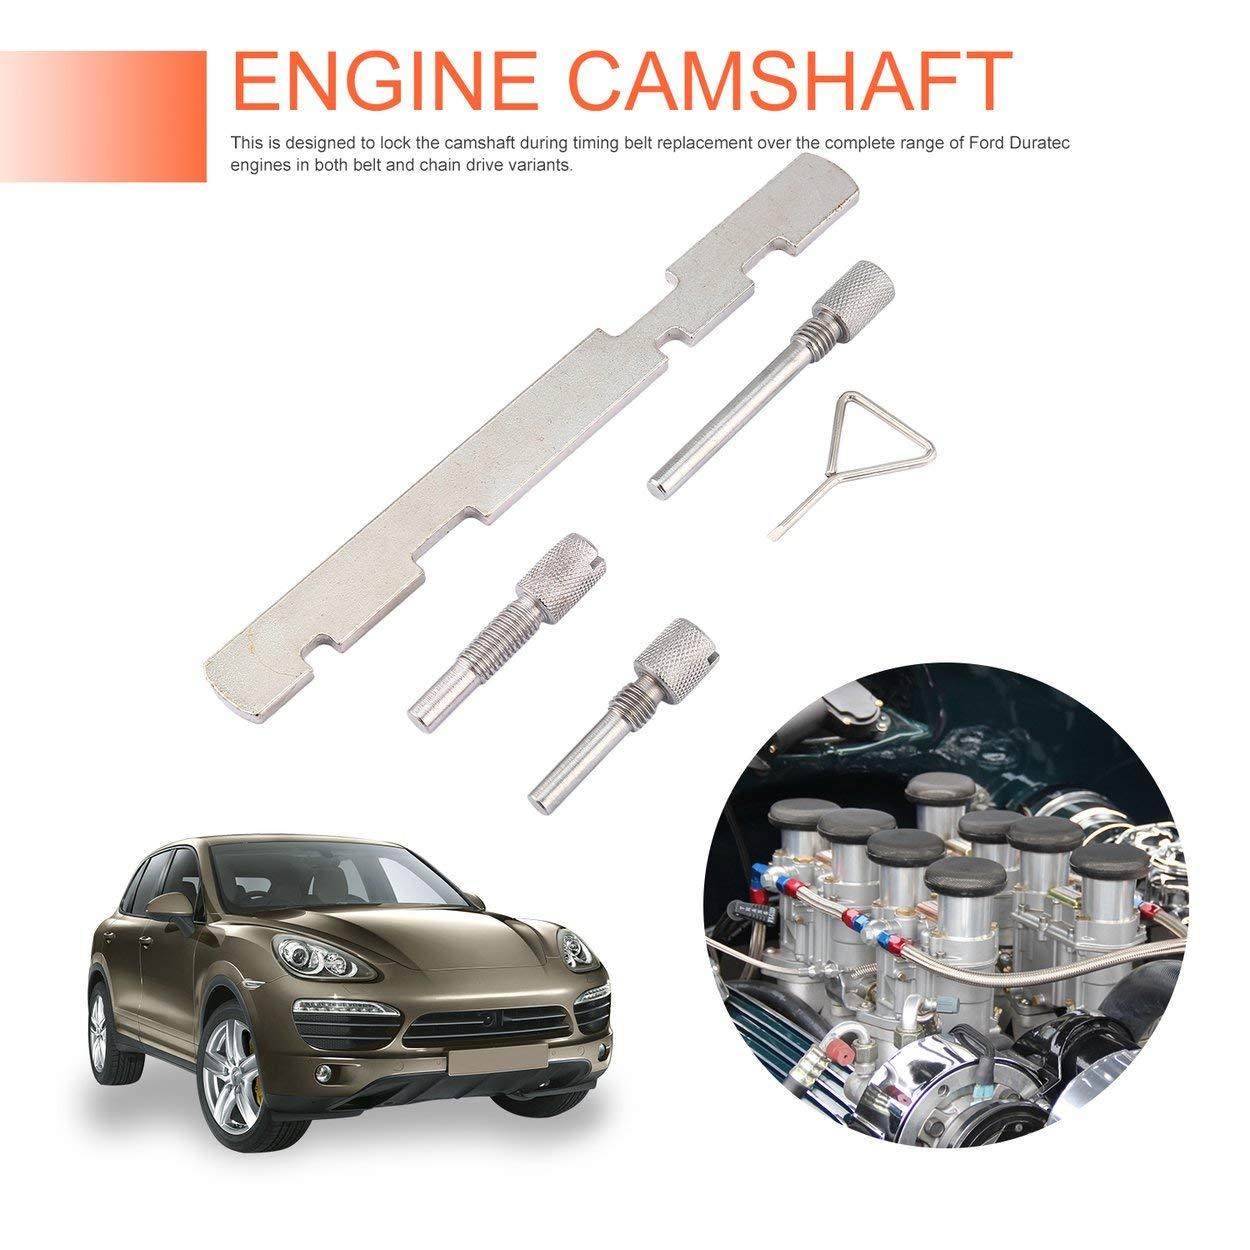 Losenlli 5 Unids Kit de sincronización del árbol de levas del Motor Bloqueo Configuración de alineación Kit de Herramientas de reparación para Ford Puma ...